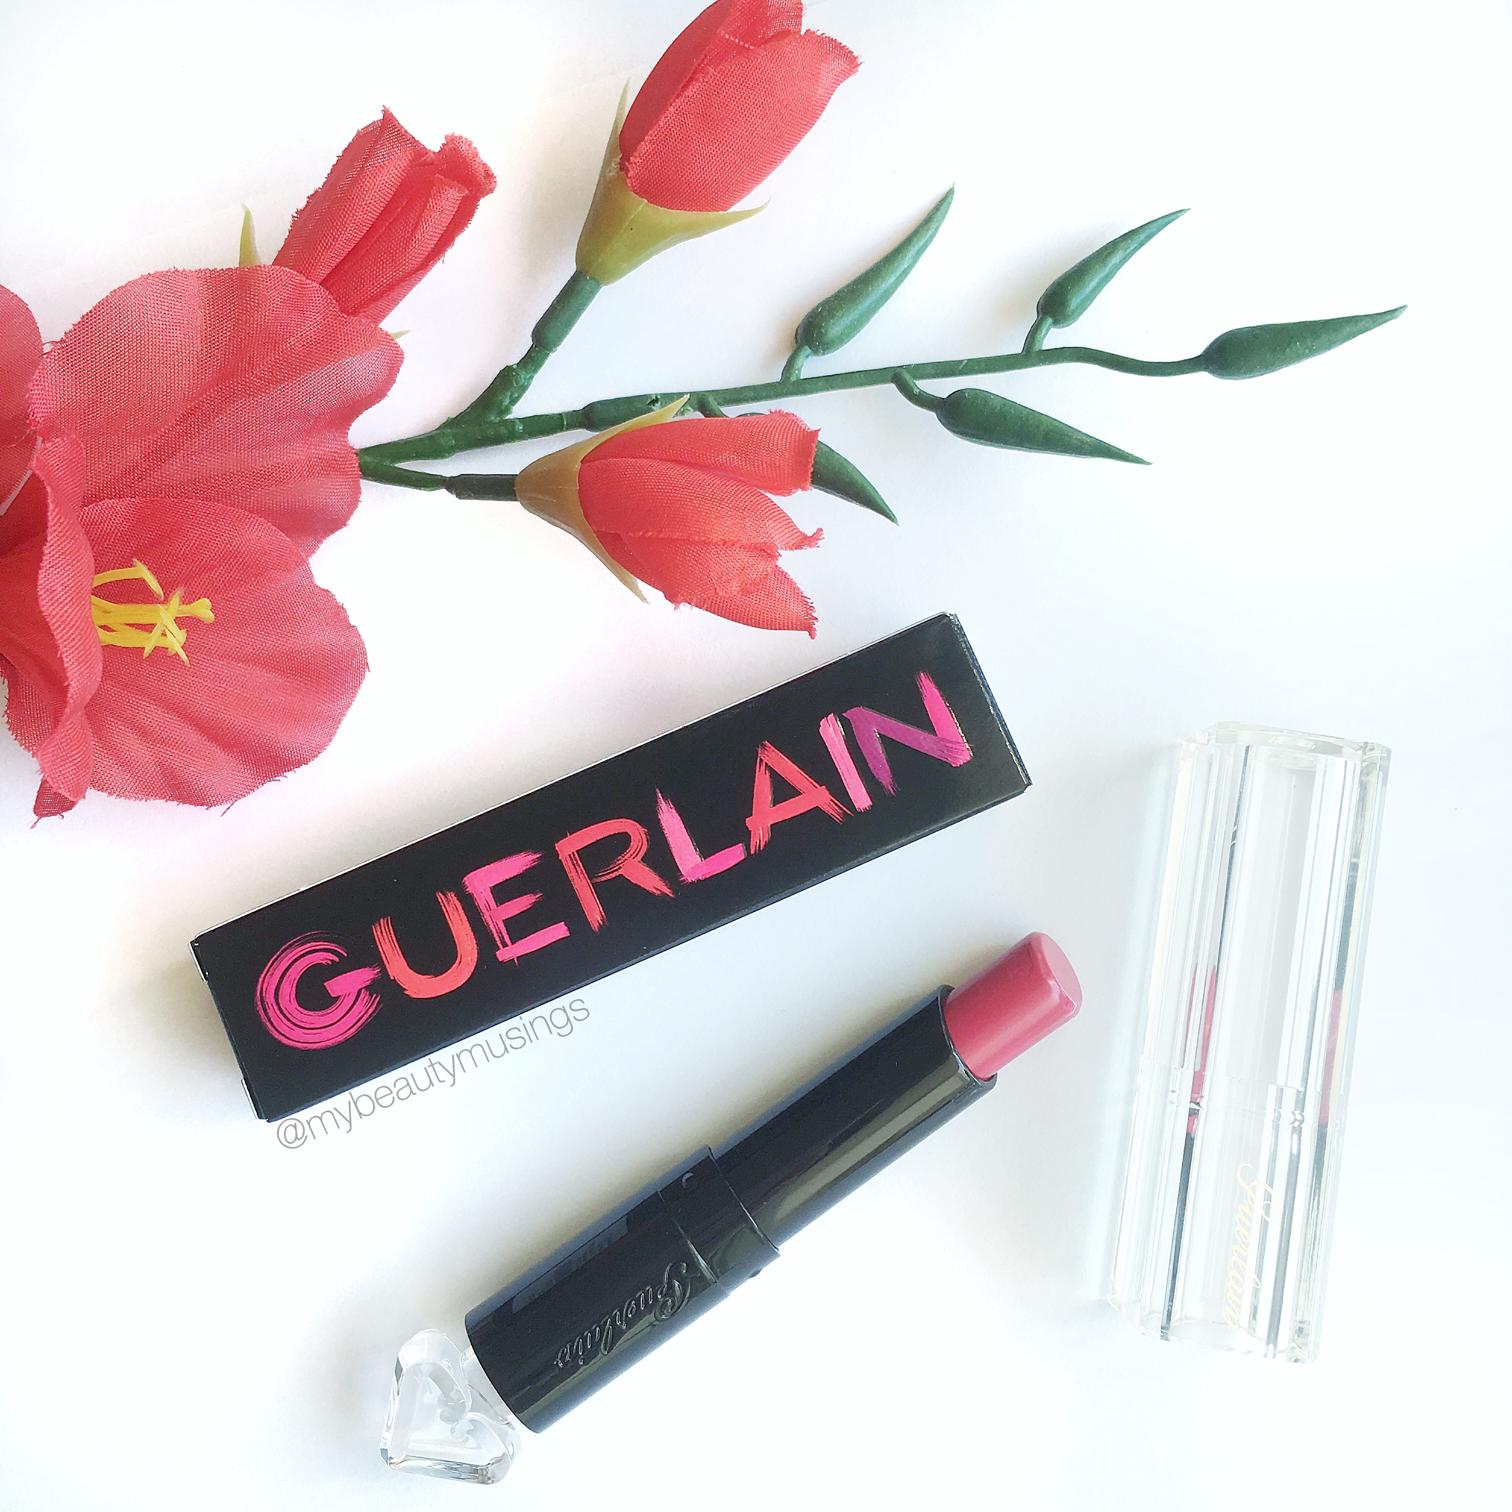 Guerlain La Petite Robe Noire Lipstick cheery cape